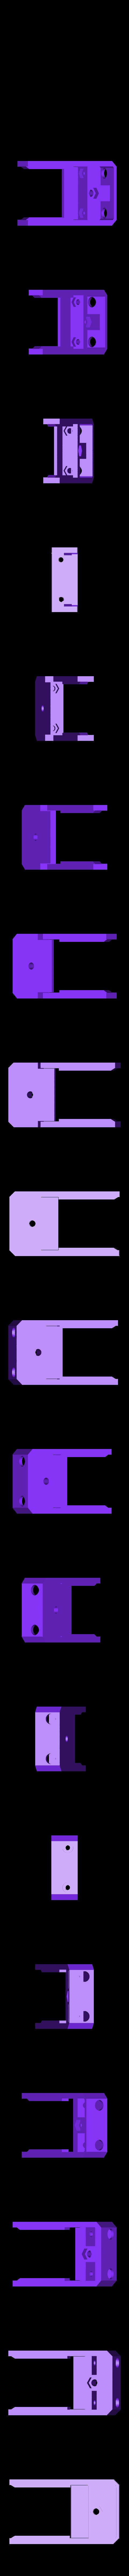 X-IdlerPulleyBracket.stl Télécharger fichier STL gratuit Hadron (ORD Bot) X et Y Supports de poulie de renvoi d'angle • Design imprimable en 3D, Duskwin